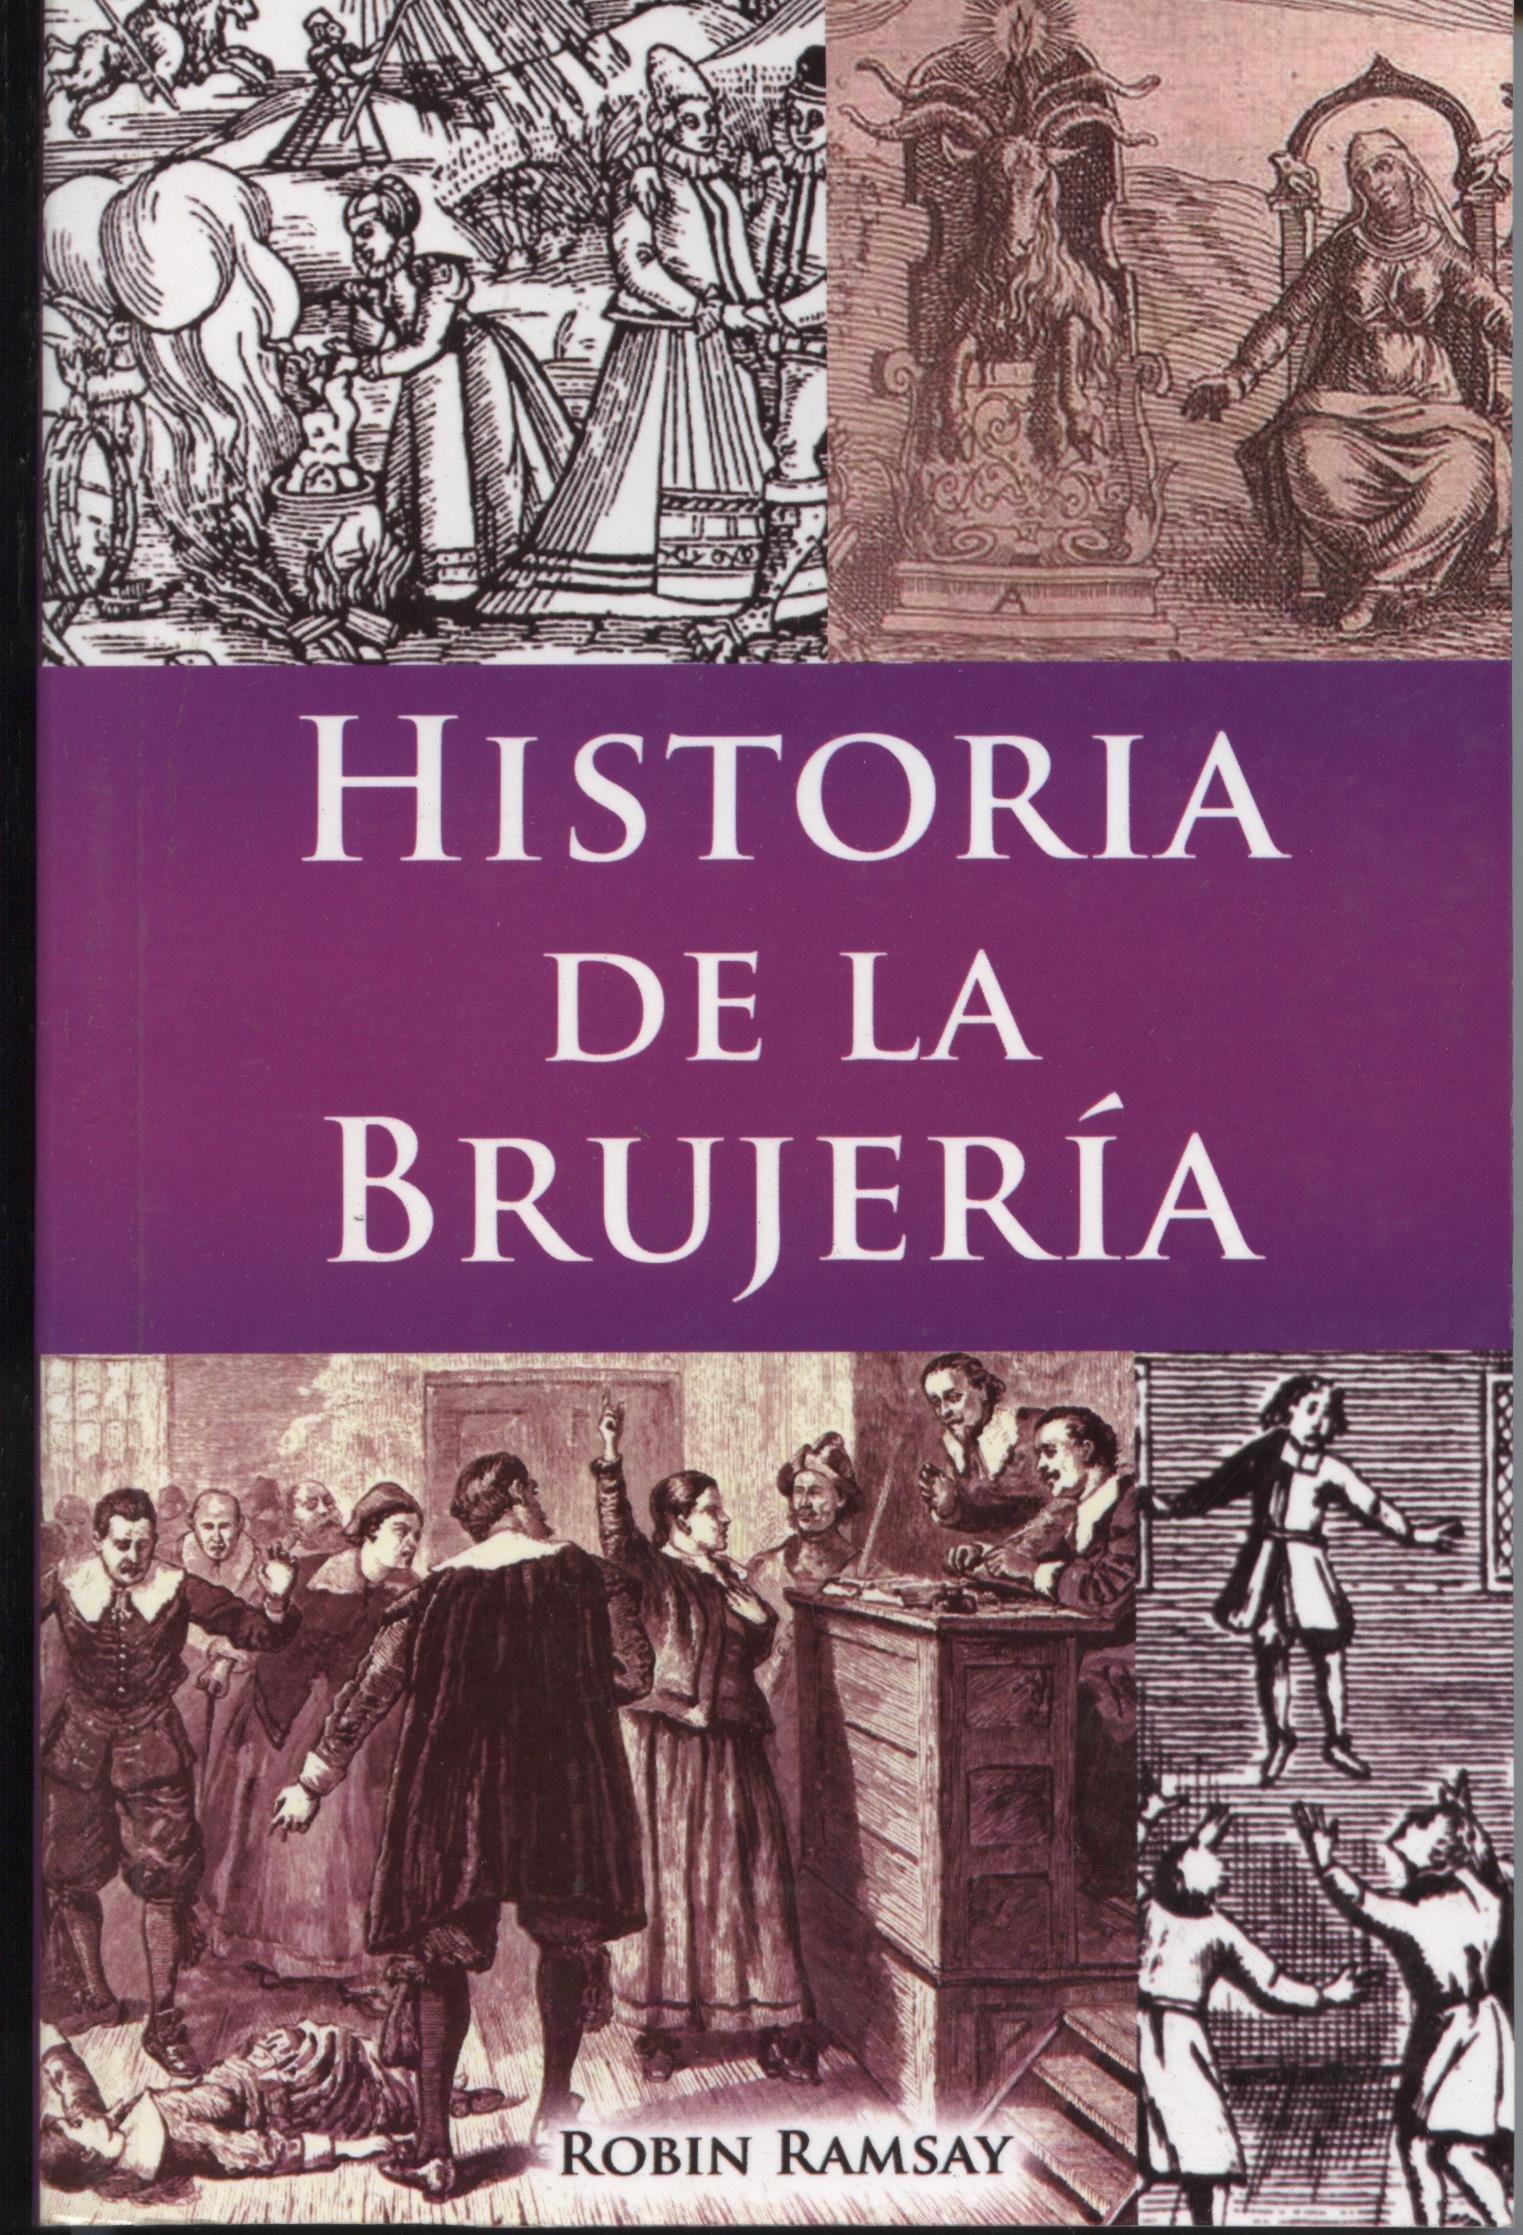 Download Historia de la Brujeria / History of Witchcraft (Spanish Edition) pdf